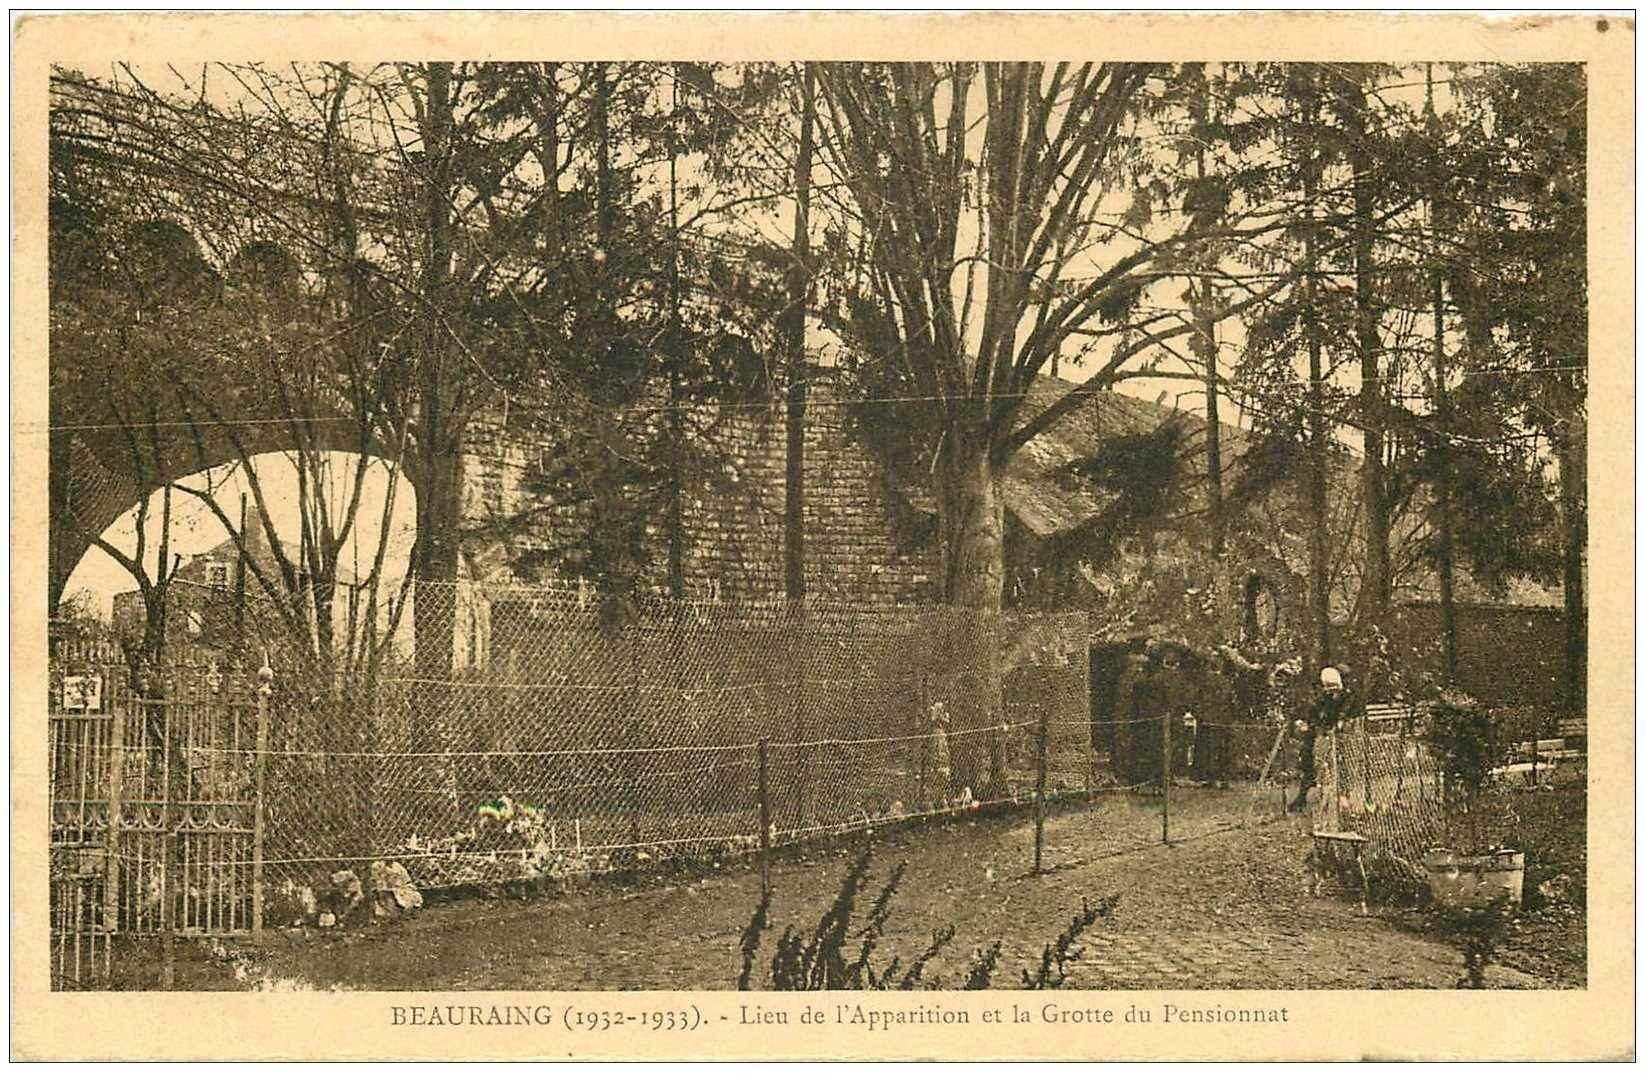 carte postale ancienne BEAURAING. Grotte du Pensionnat lieu Apparition 1943. Manque timbre